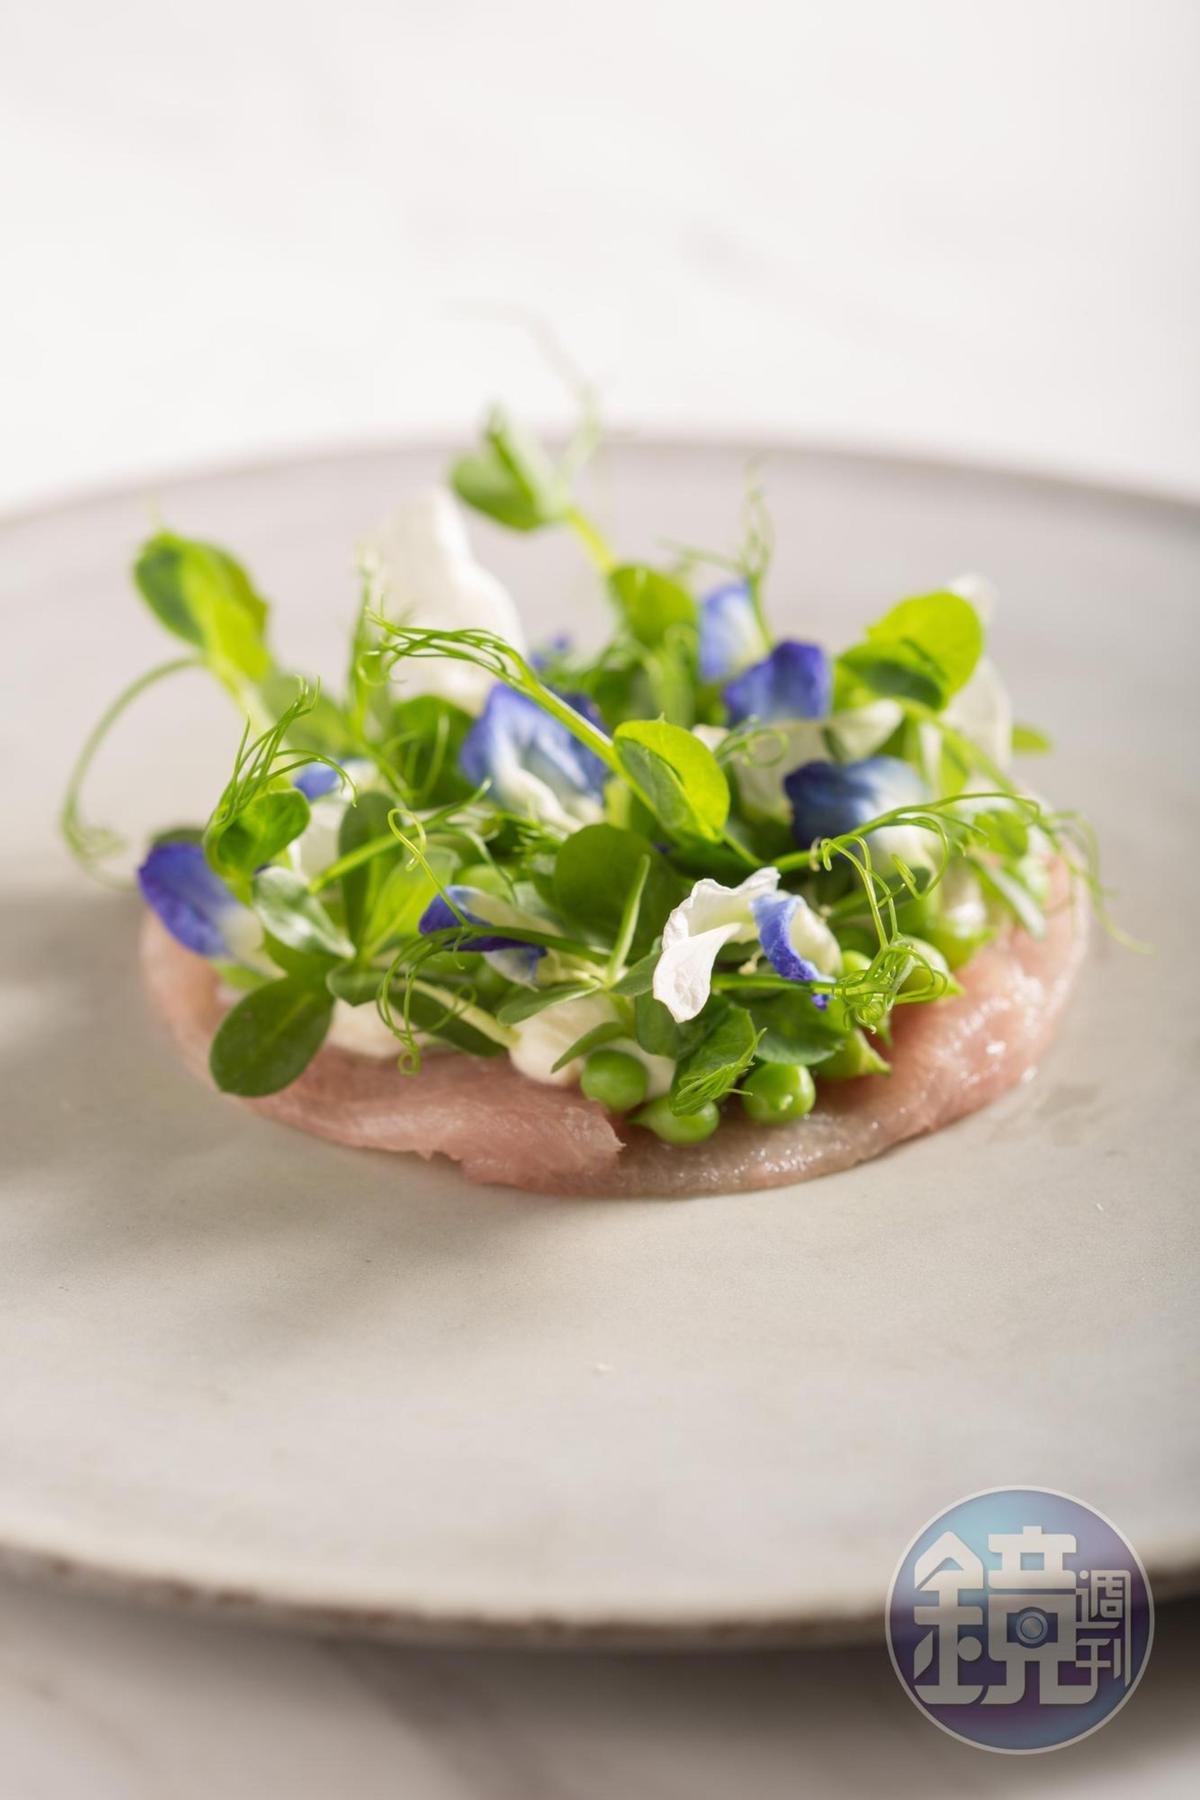 「白旗魚豆苗花煙燻起司」加入富有甜豆味的花朵,把白肉魚的油脂轉為輕盈。(MUME,2,880元套餐菜色,不定期提供)